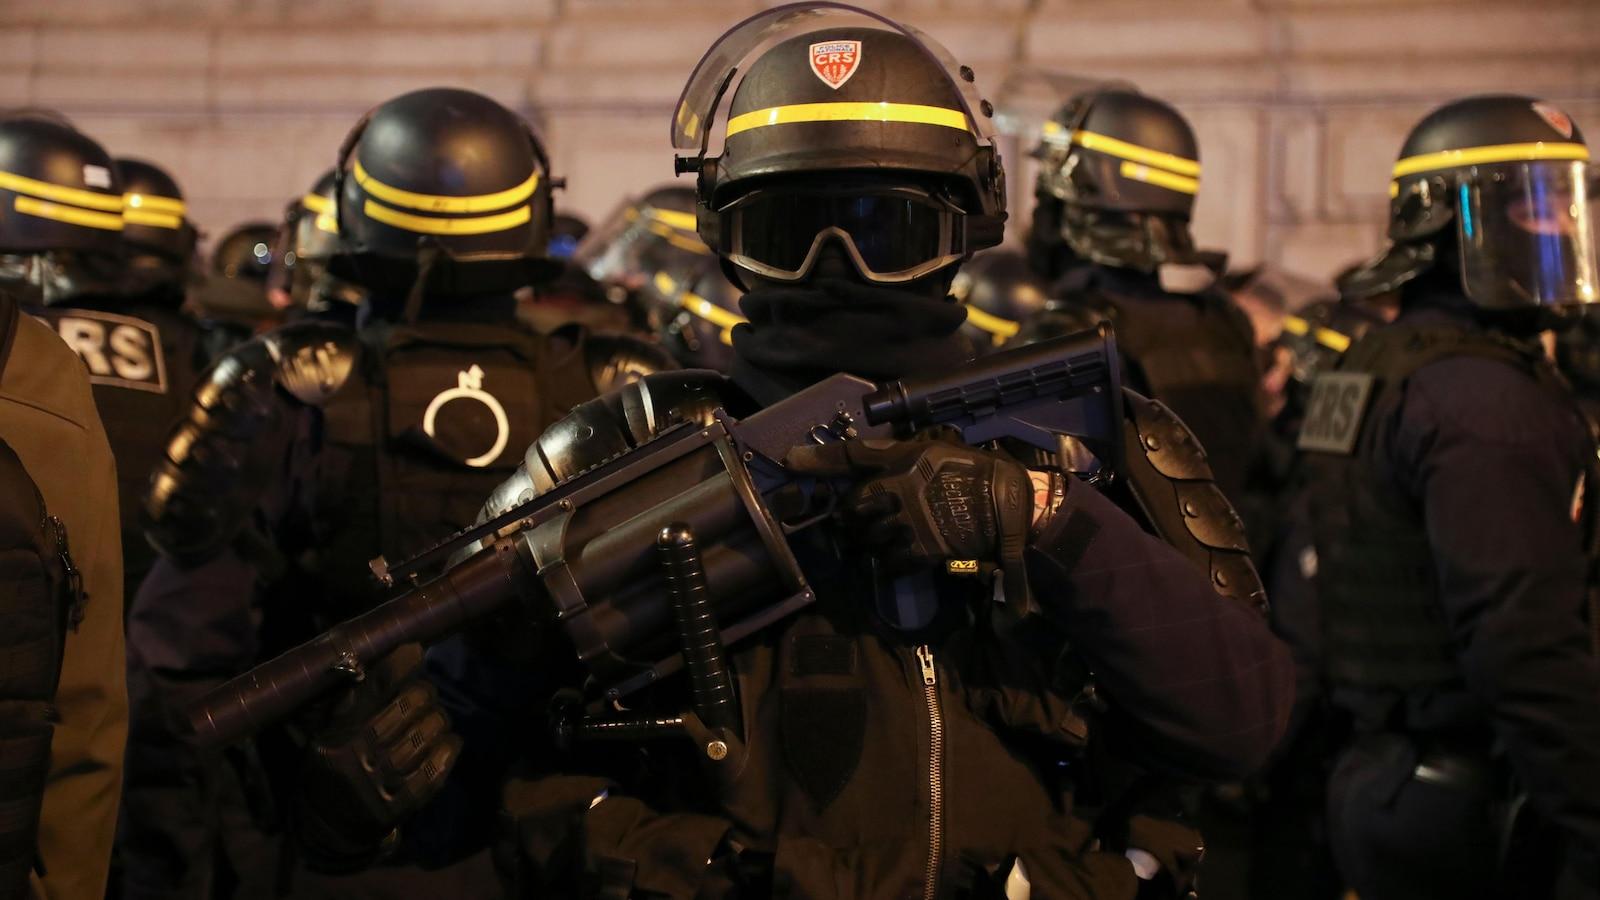 Un membre des forces anti-émeutes portant un lanceur de grenades de gaz lacrymogène à Paris lors d'une manifestation des gilets jaunes.